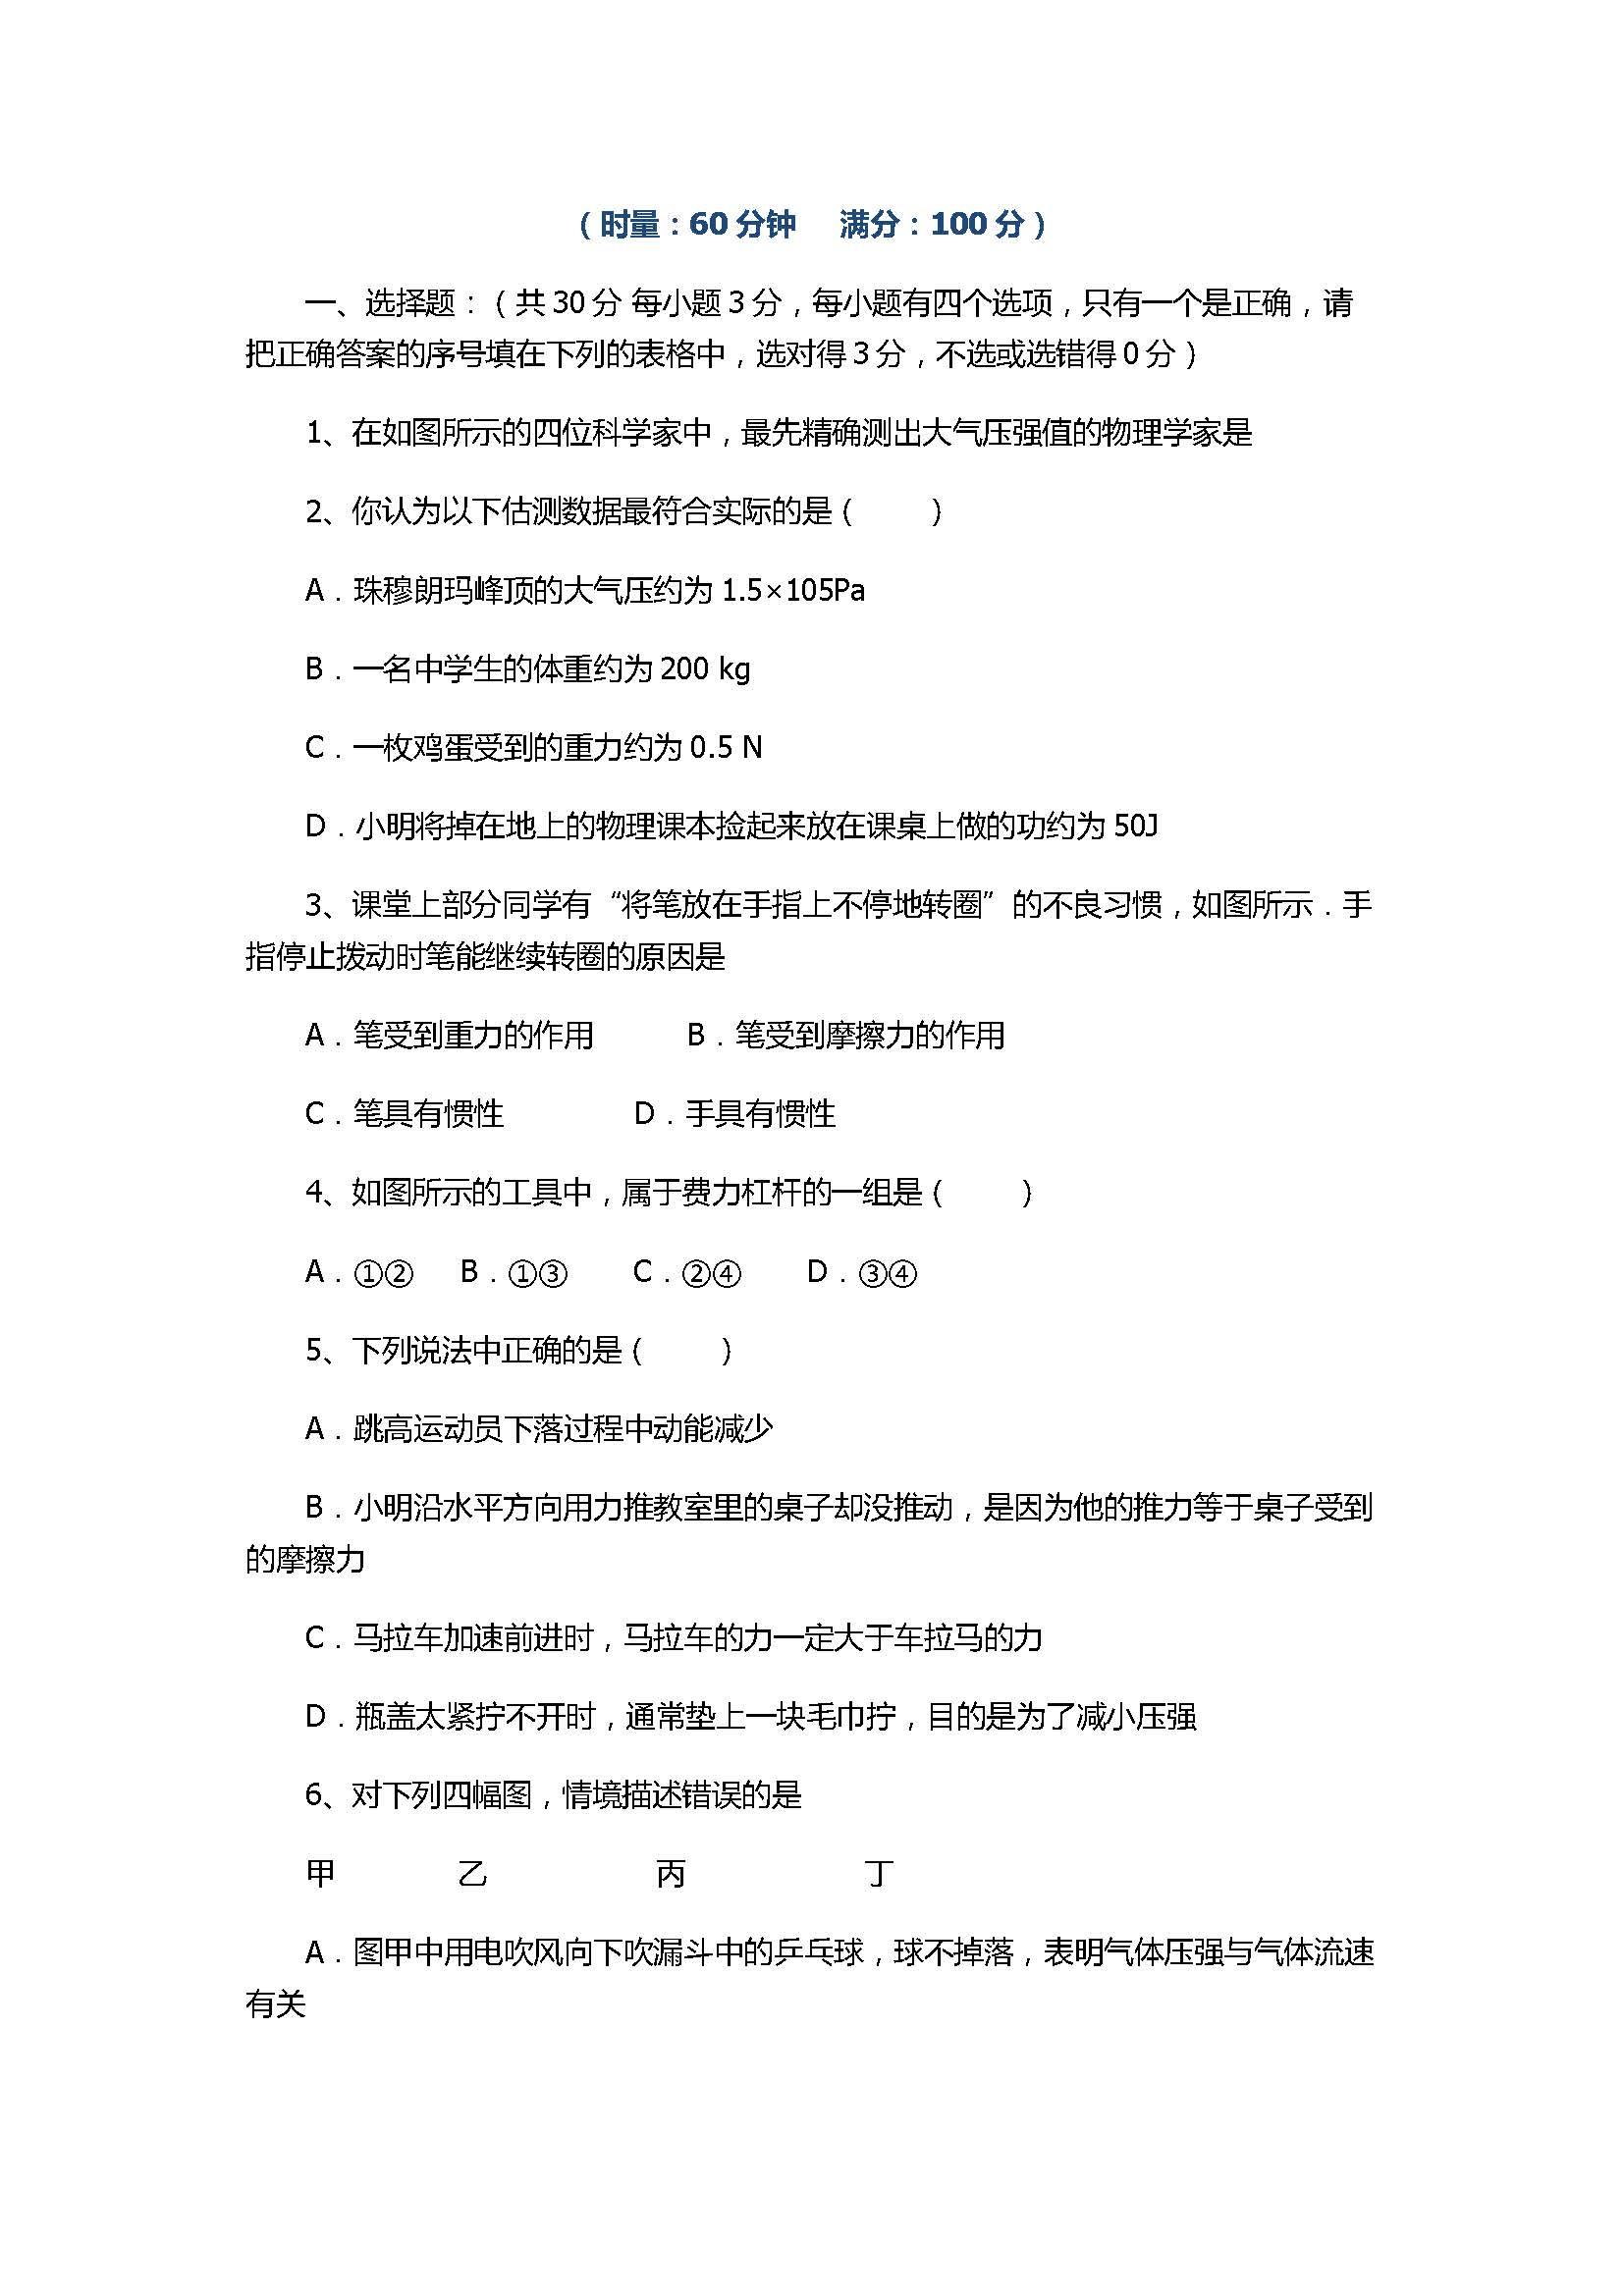 2017八年级物理下册期末试卷附参考答案(冷水江市)